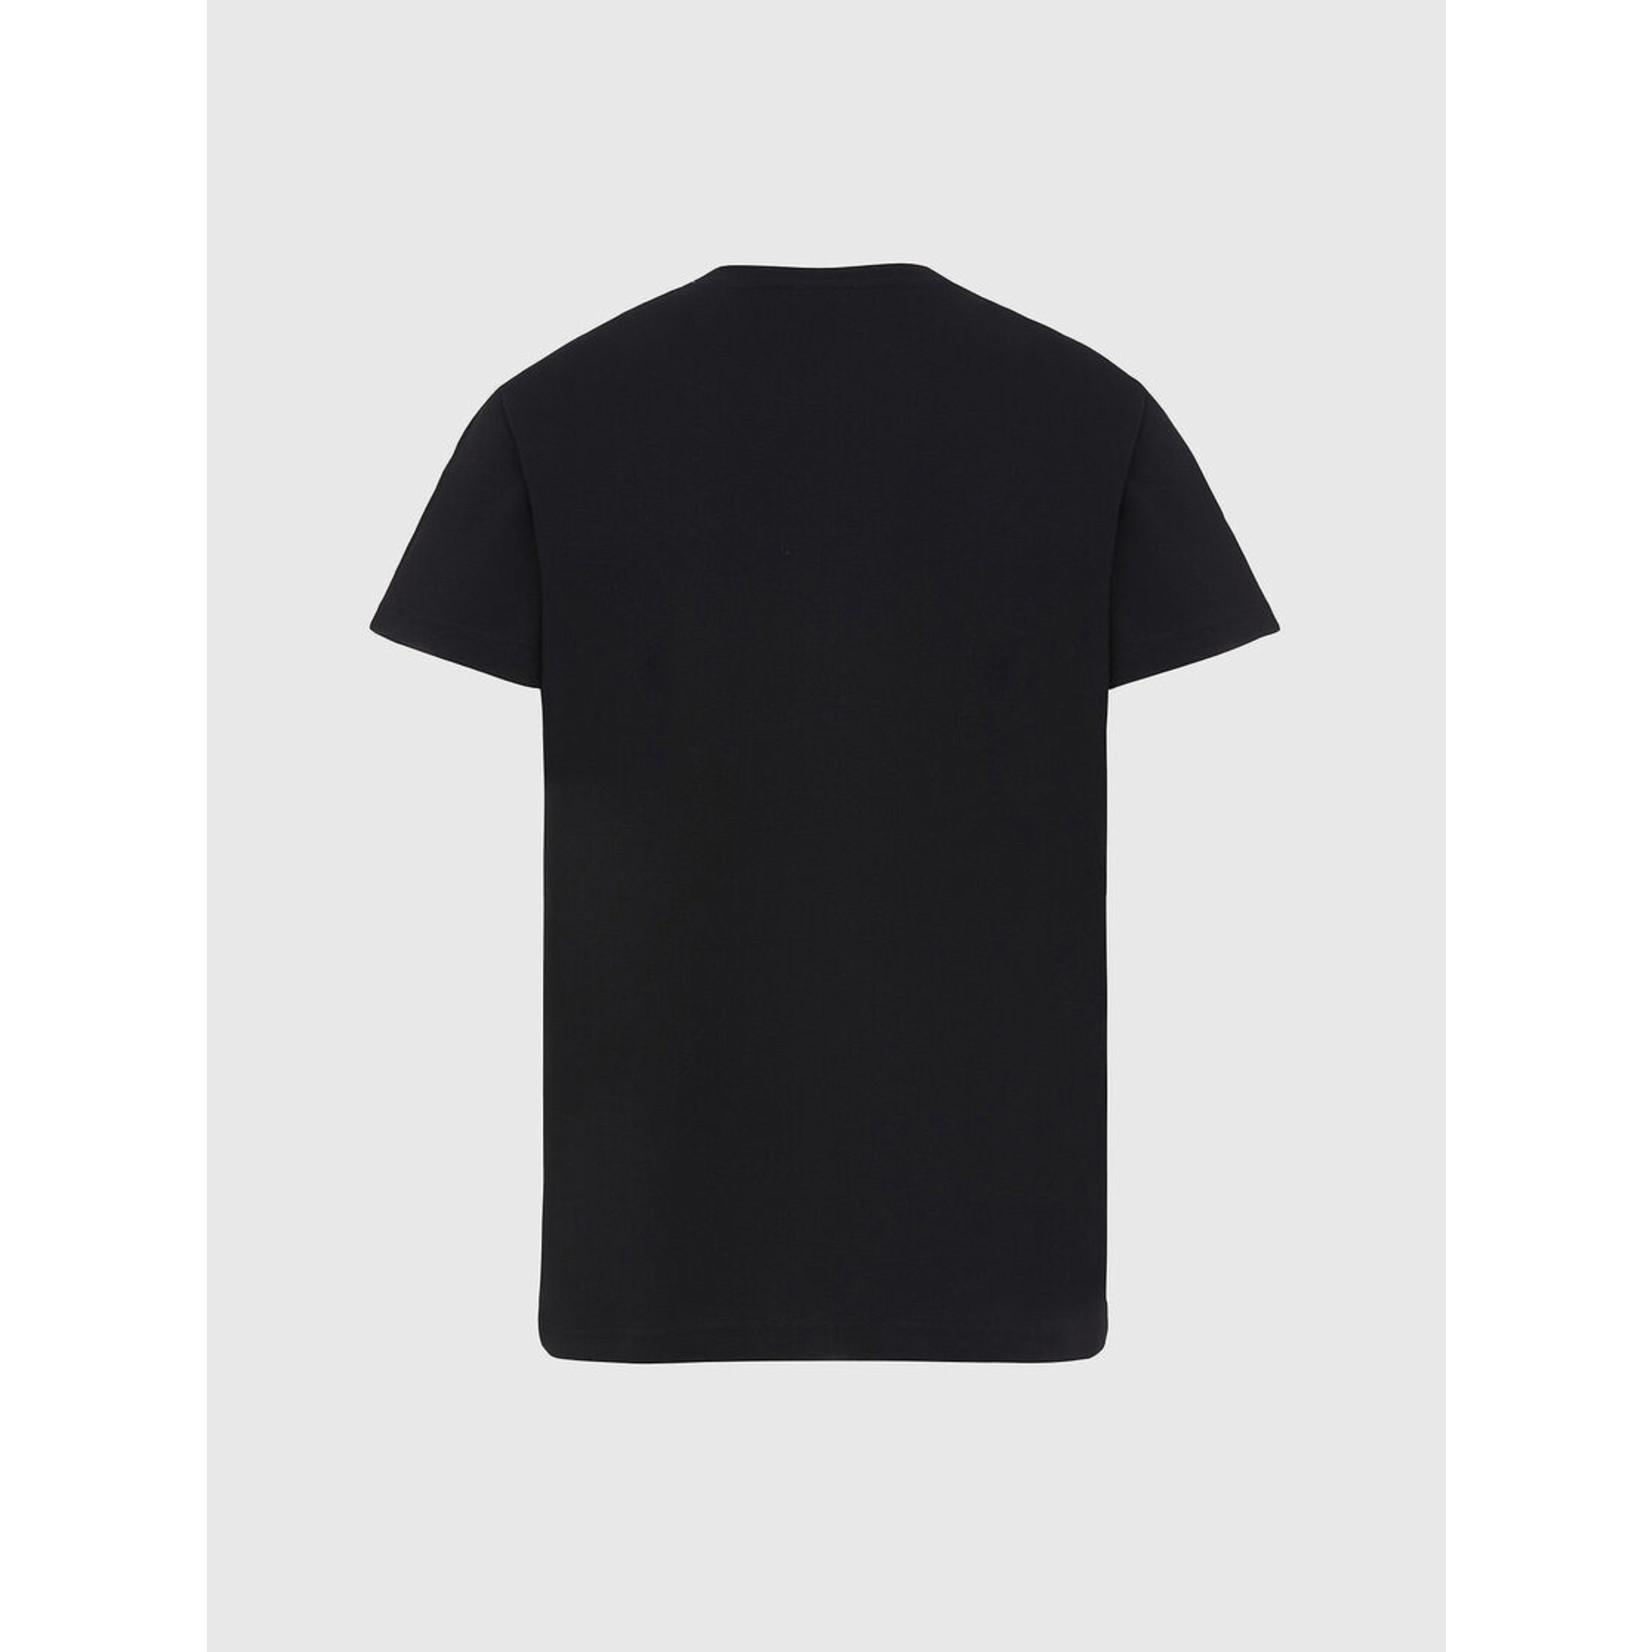 DIESEL DIESEL T-SHIRT DIEGOS K34 - BLACK